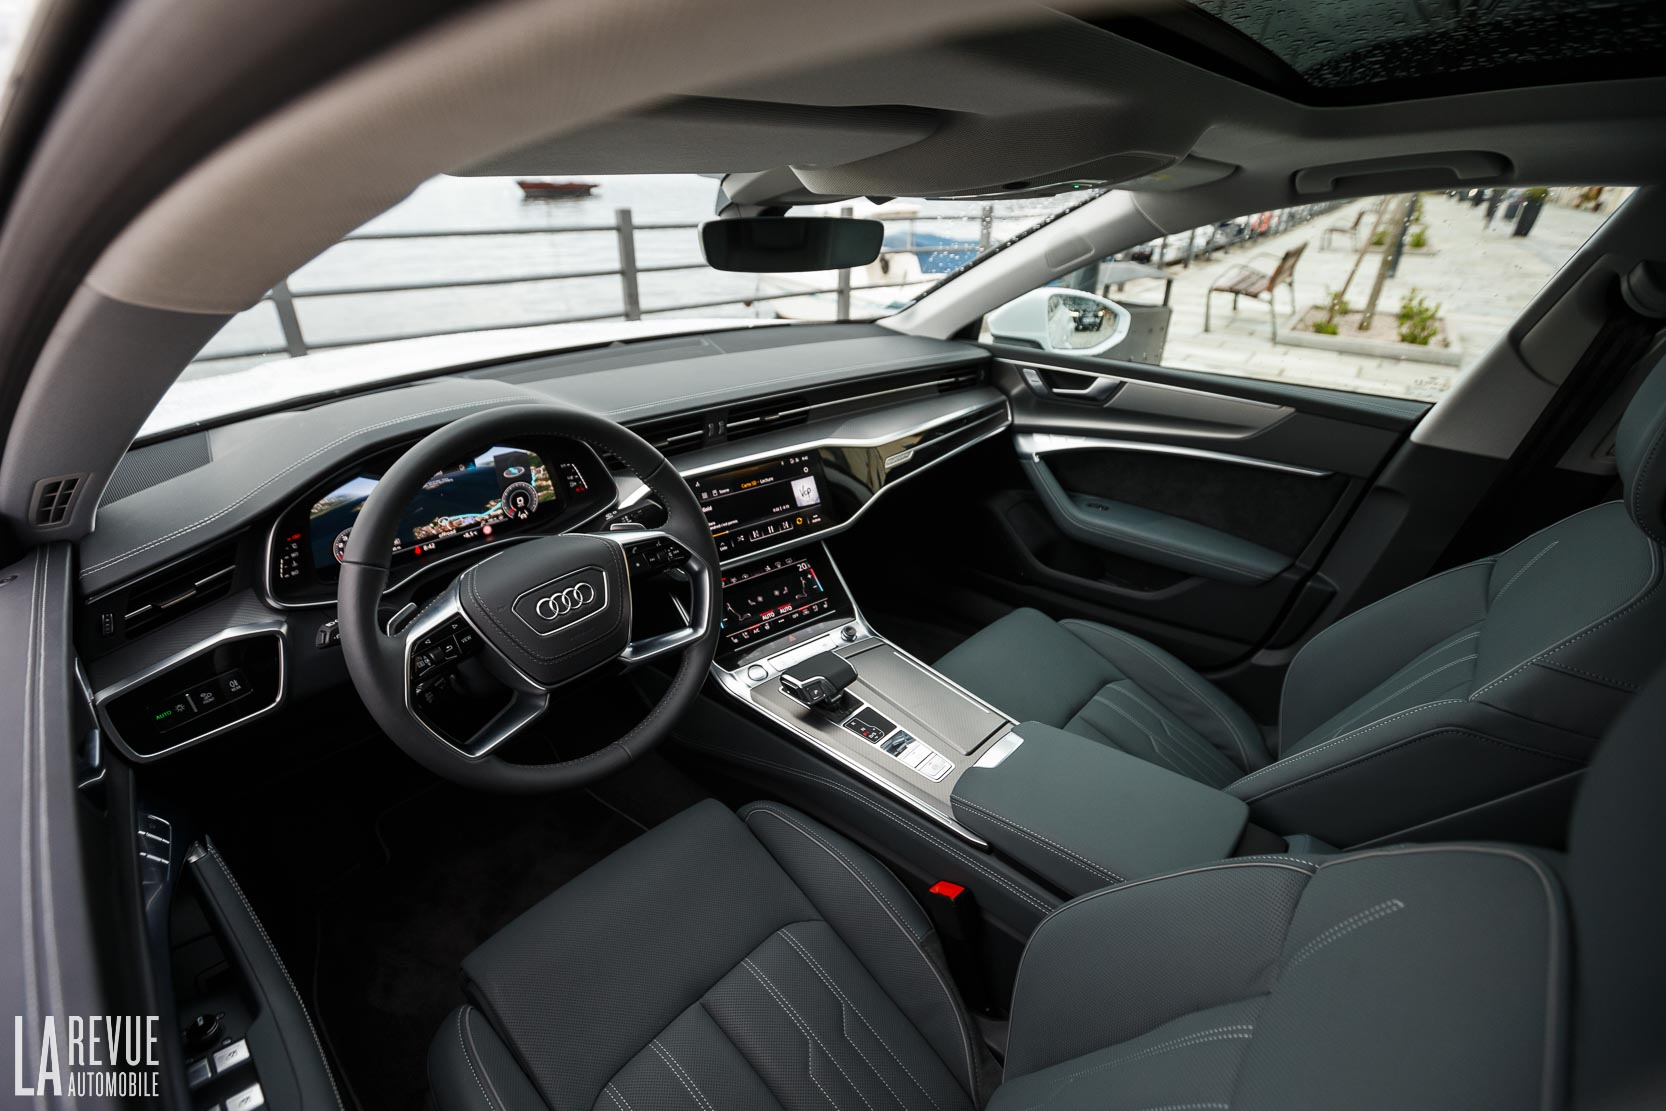 Intérieur de l'habitacle de la nouvelle Audi A7 Sportback